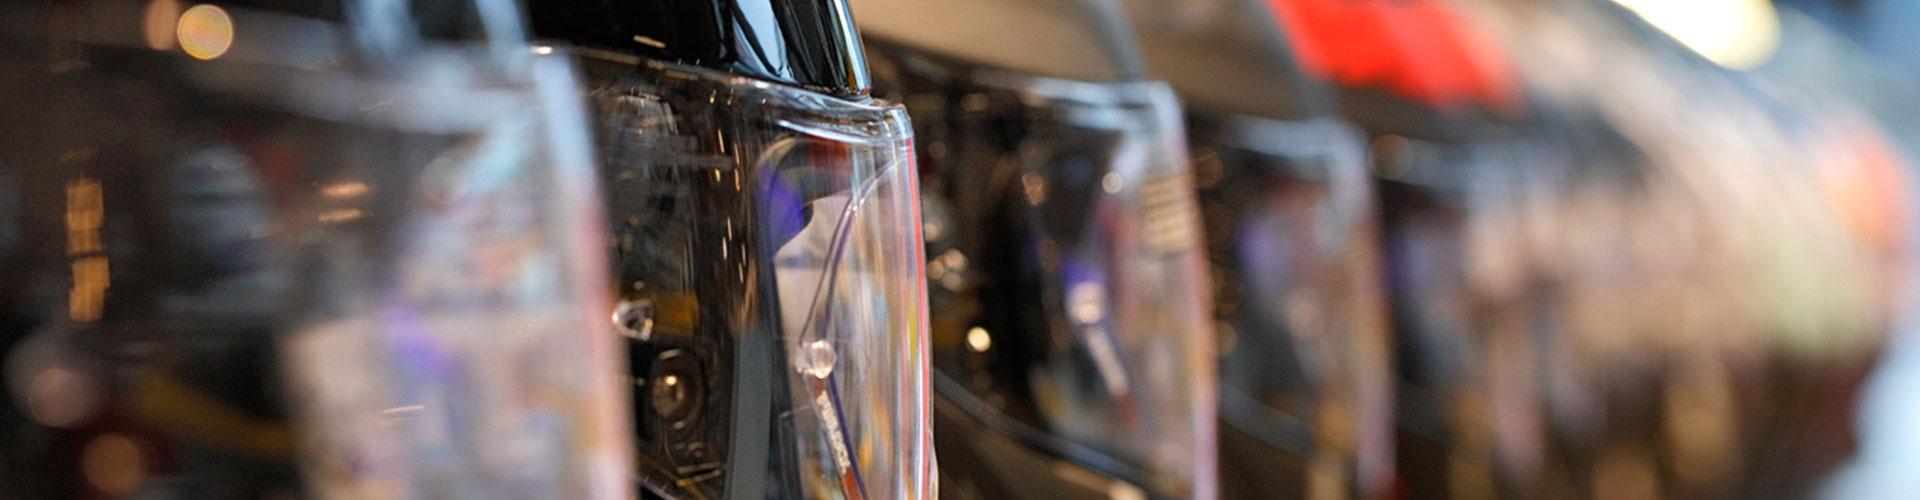 bonaspes hat langjährige Erfahrung in Ladenbau und Objekteinrichtung